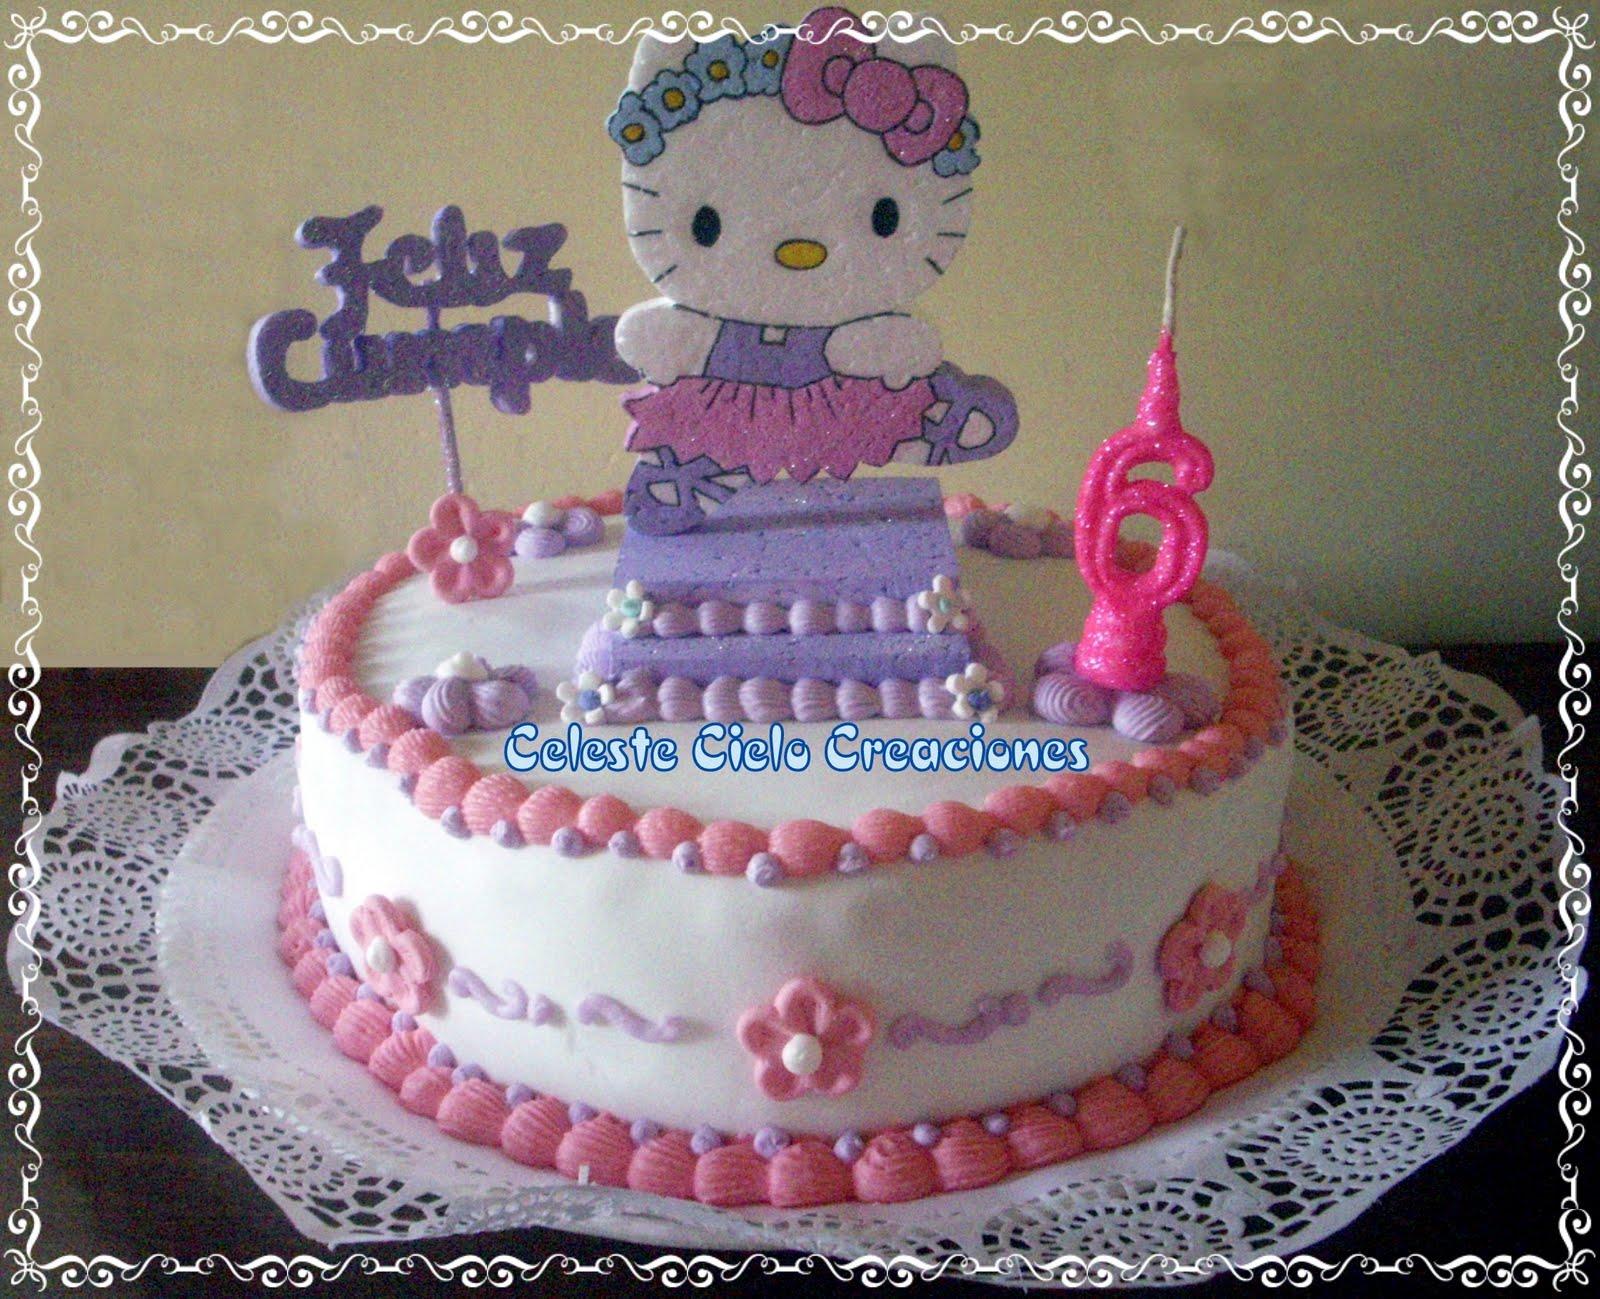 Kitty Decoracion De Tortas ~ Celeste Cielo Creaciones Tortas Decoradas Kitty Bailarina